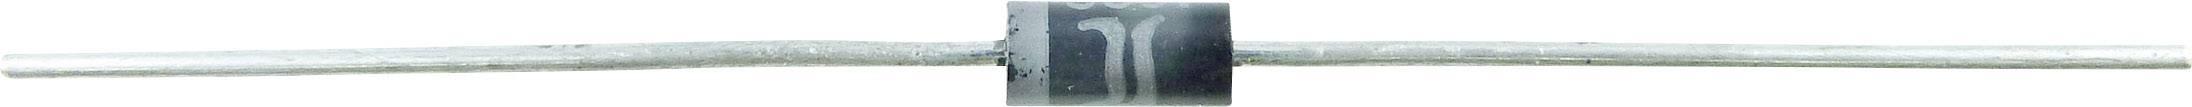 TVS dioda TRU COMPONENTS TC-P6KE6.8CA, DO-15 , 6.45 V, 600 W